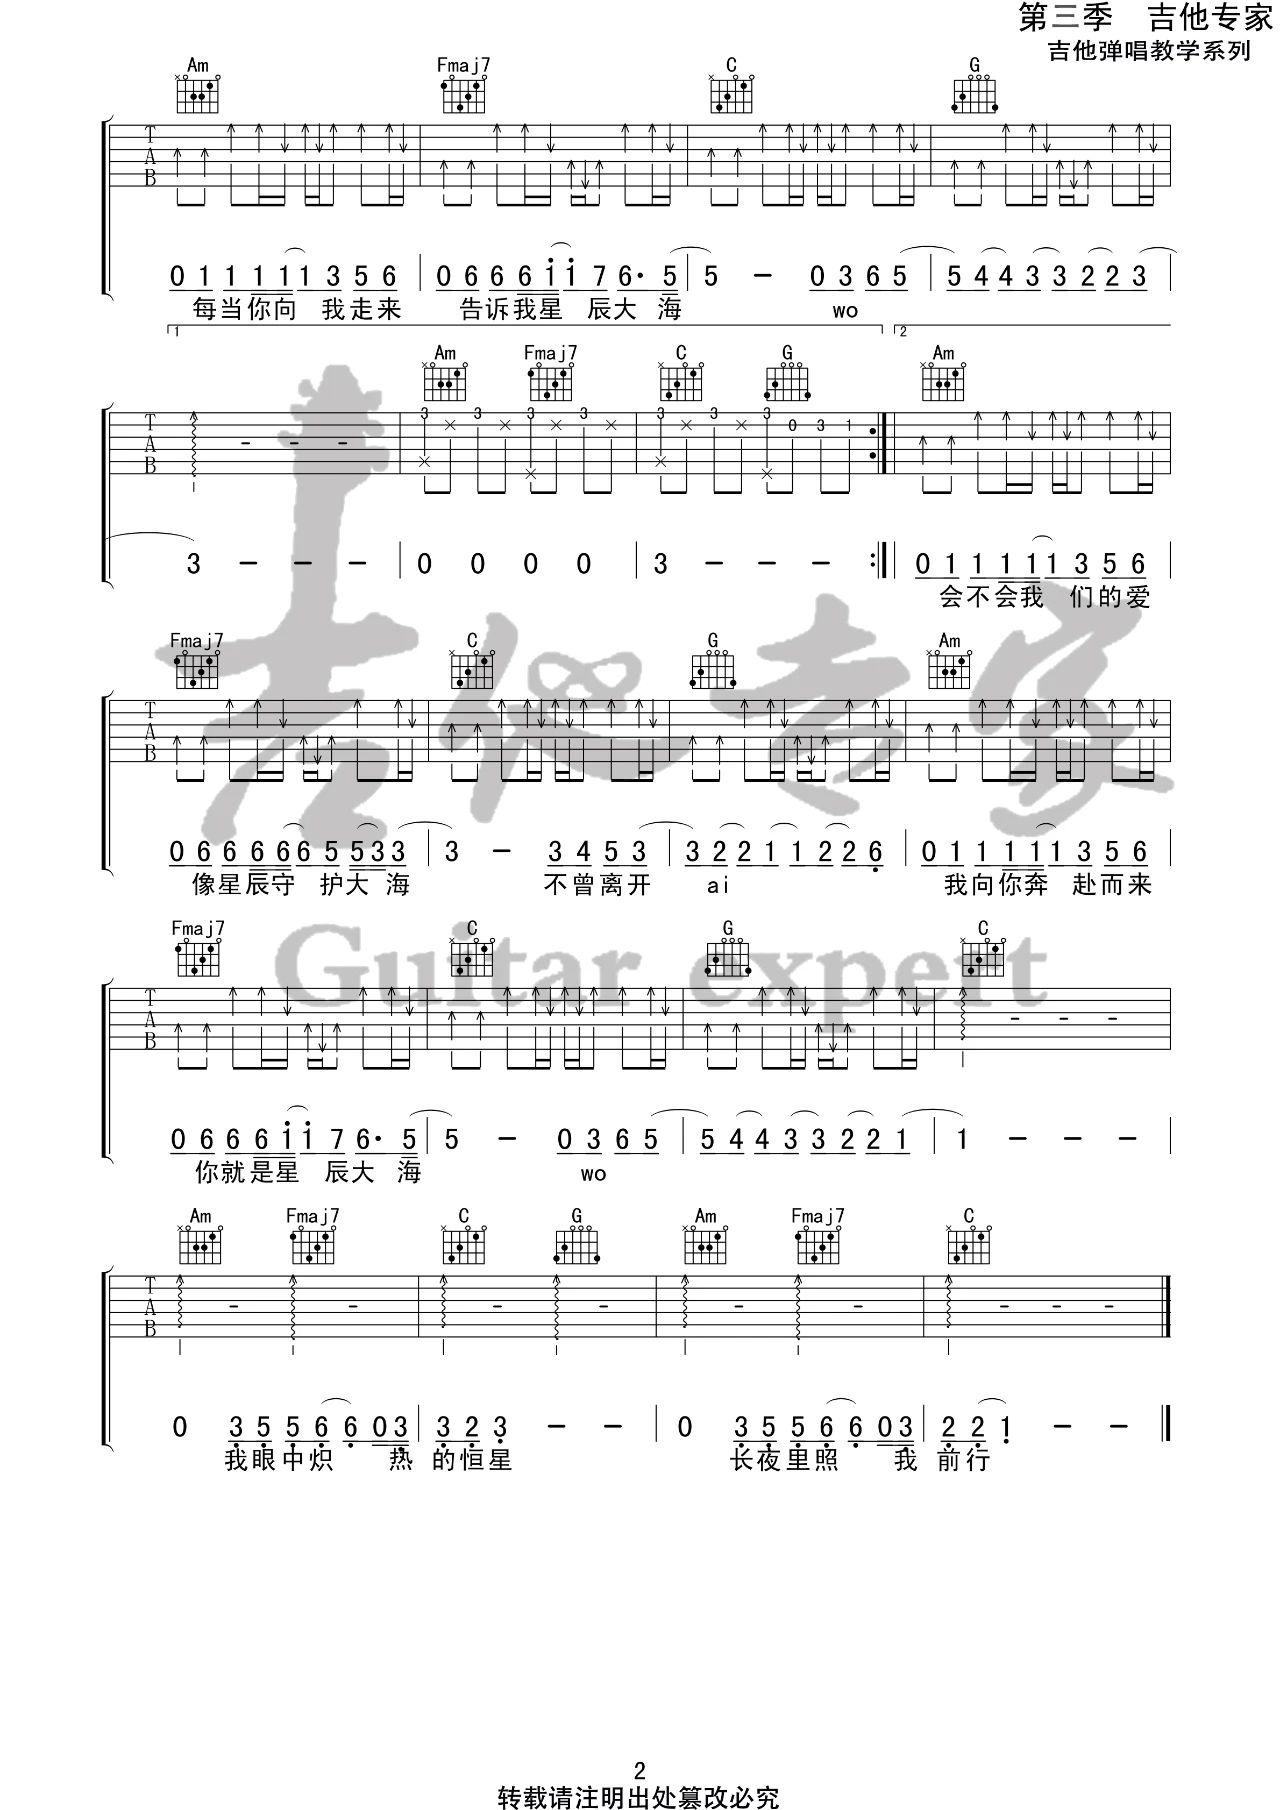 吉他派《星辰大海》吉他谱吉他专家版-2